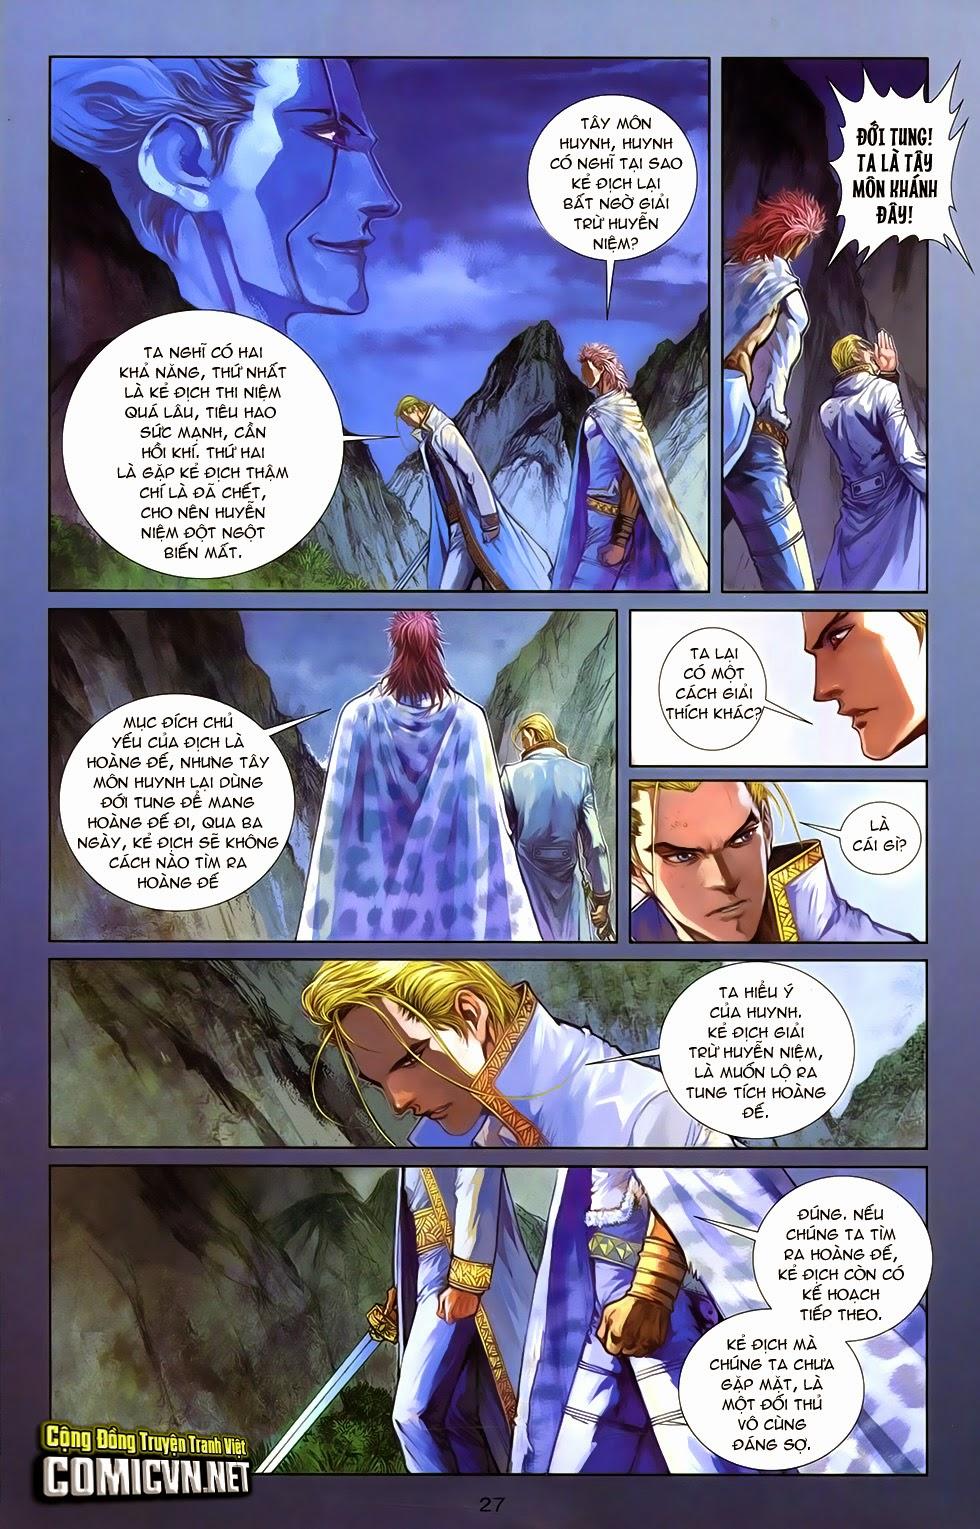 xem truyen moi - 108 - Tân Thuỷ Hử - Chapter 13a: Tẫn diệt khung thương